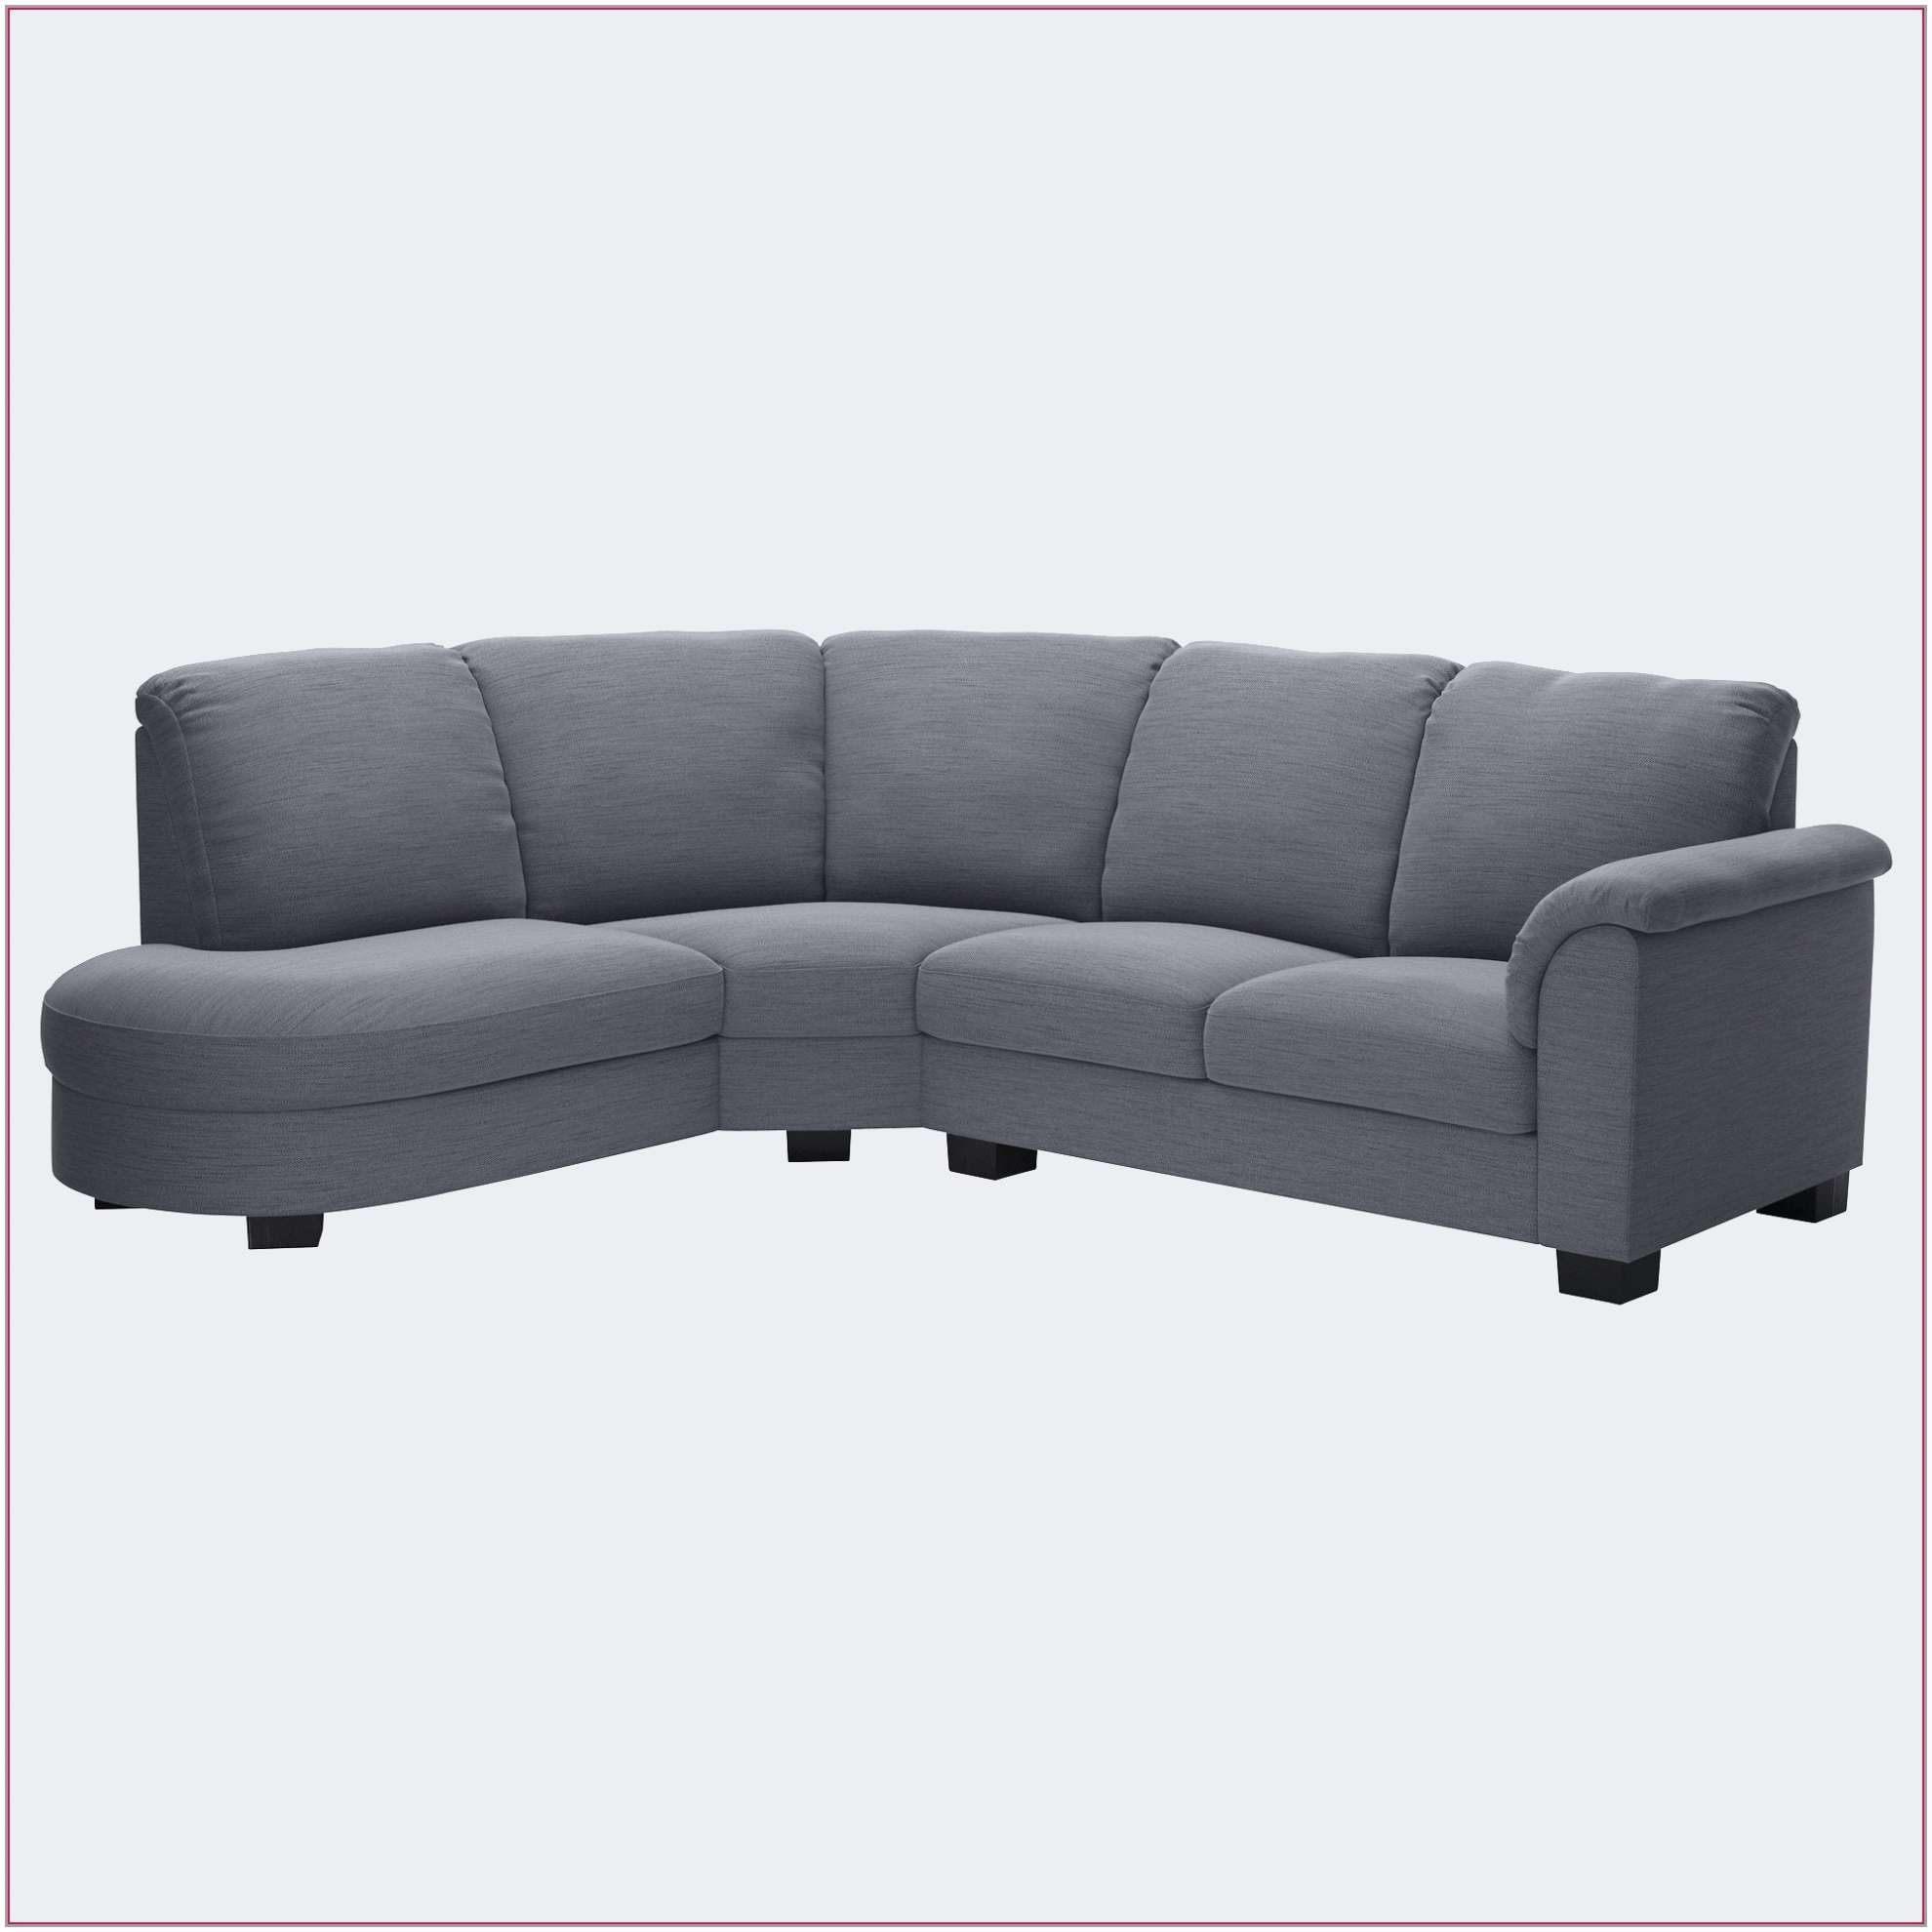 Canapé Vrai Lit De Luxe Elégant Canapé Convertible Vrai Lit Canapé Lit – Bethdavidfo Pour